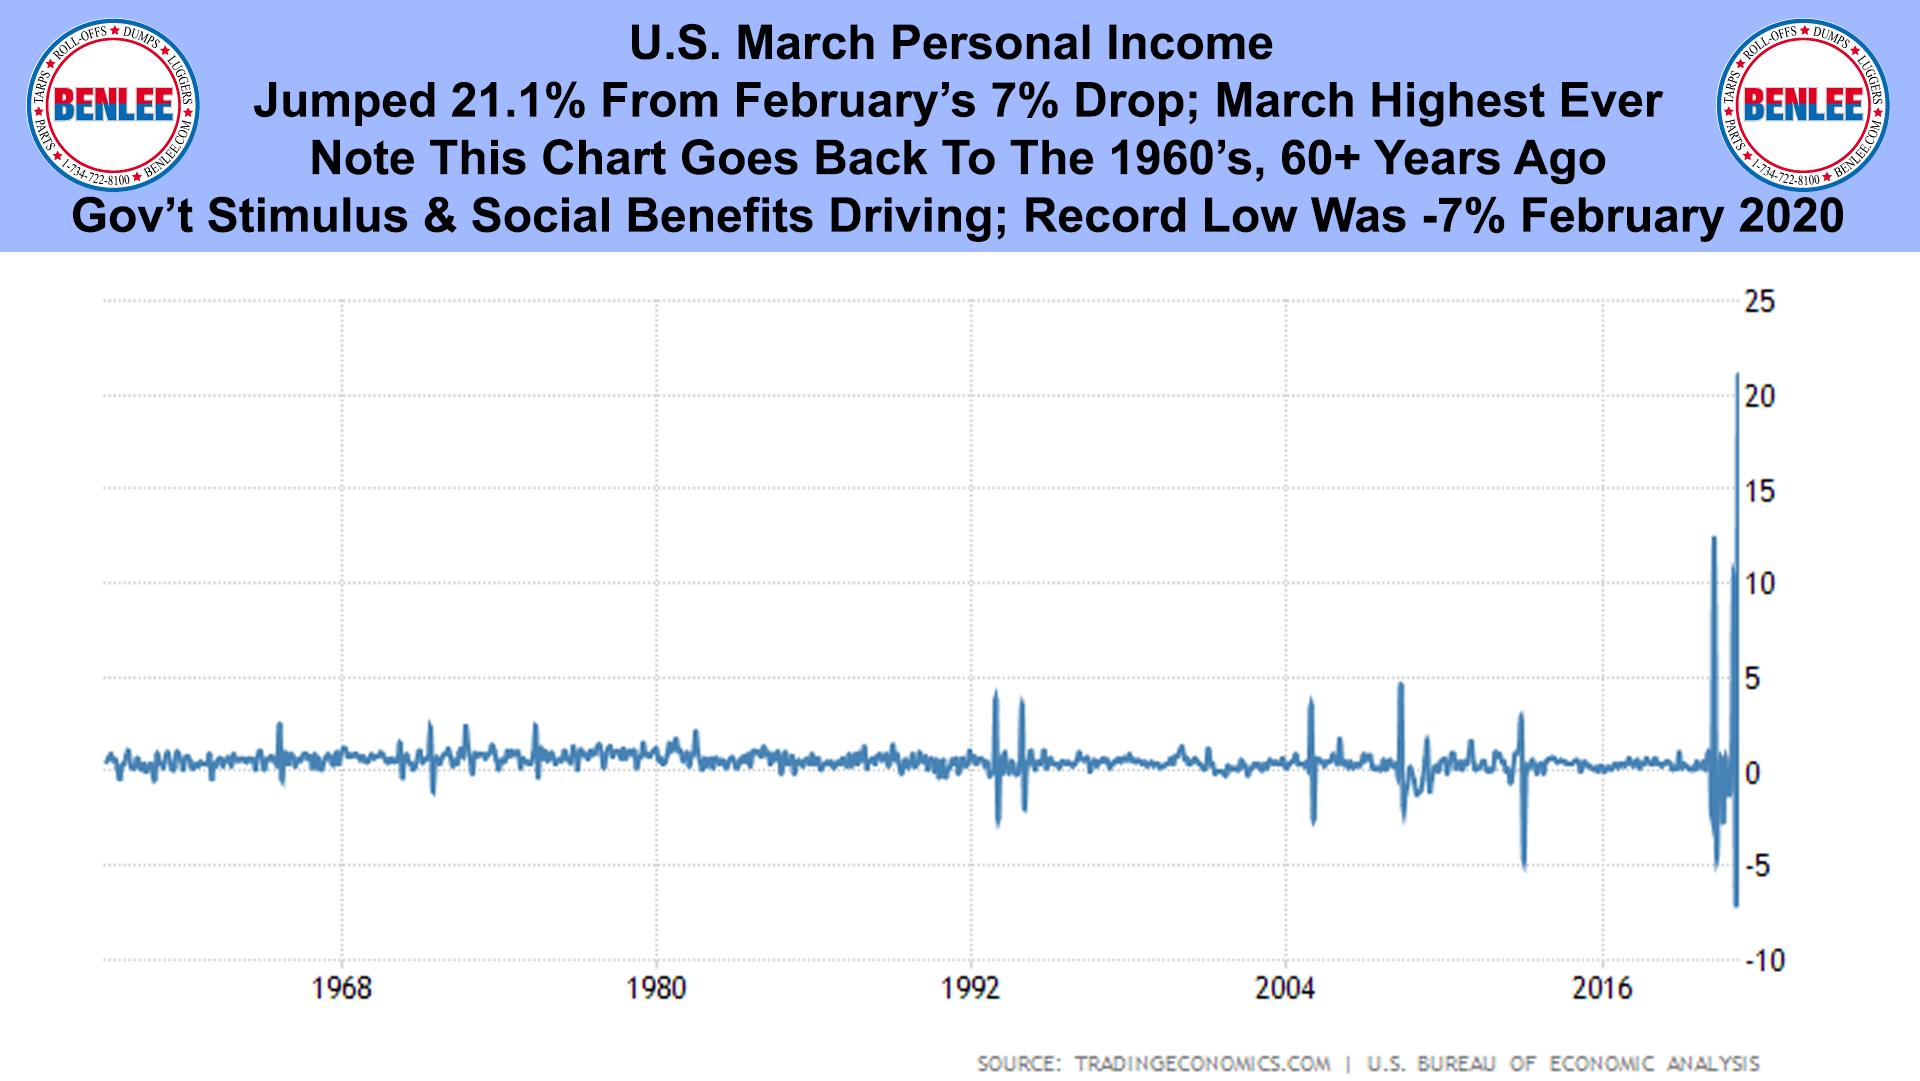 U.S. March Personal Income